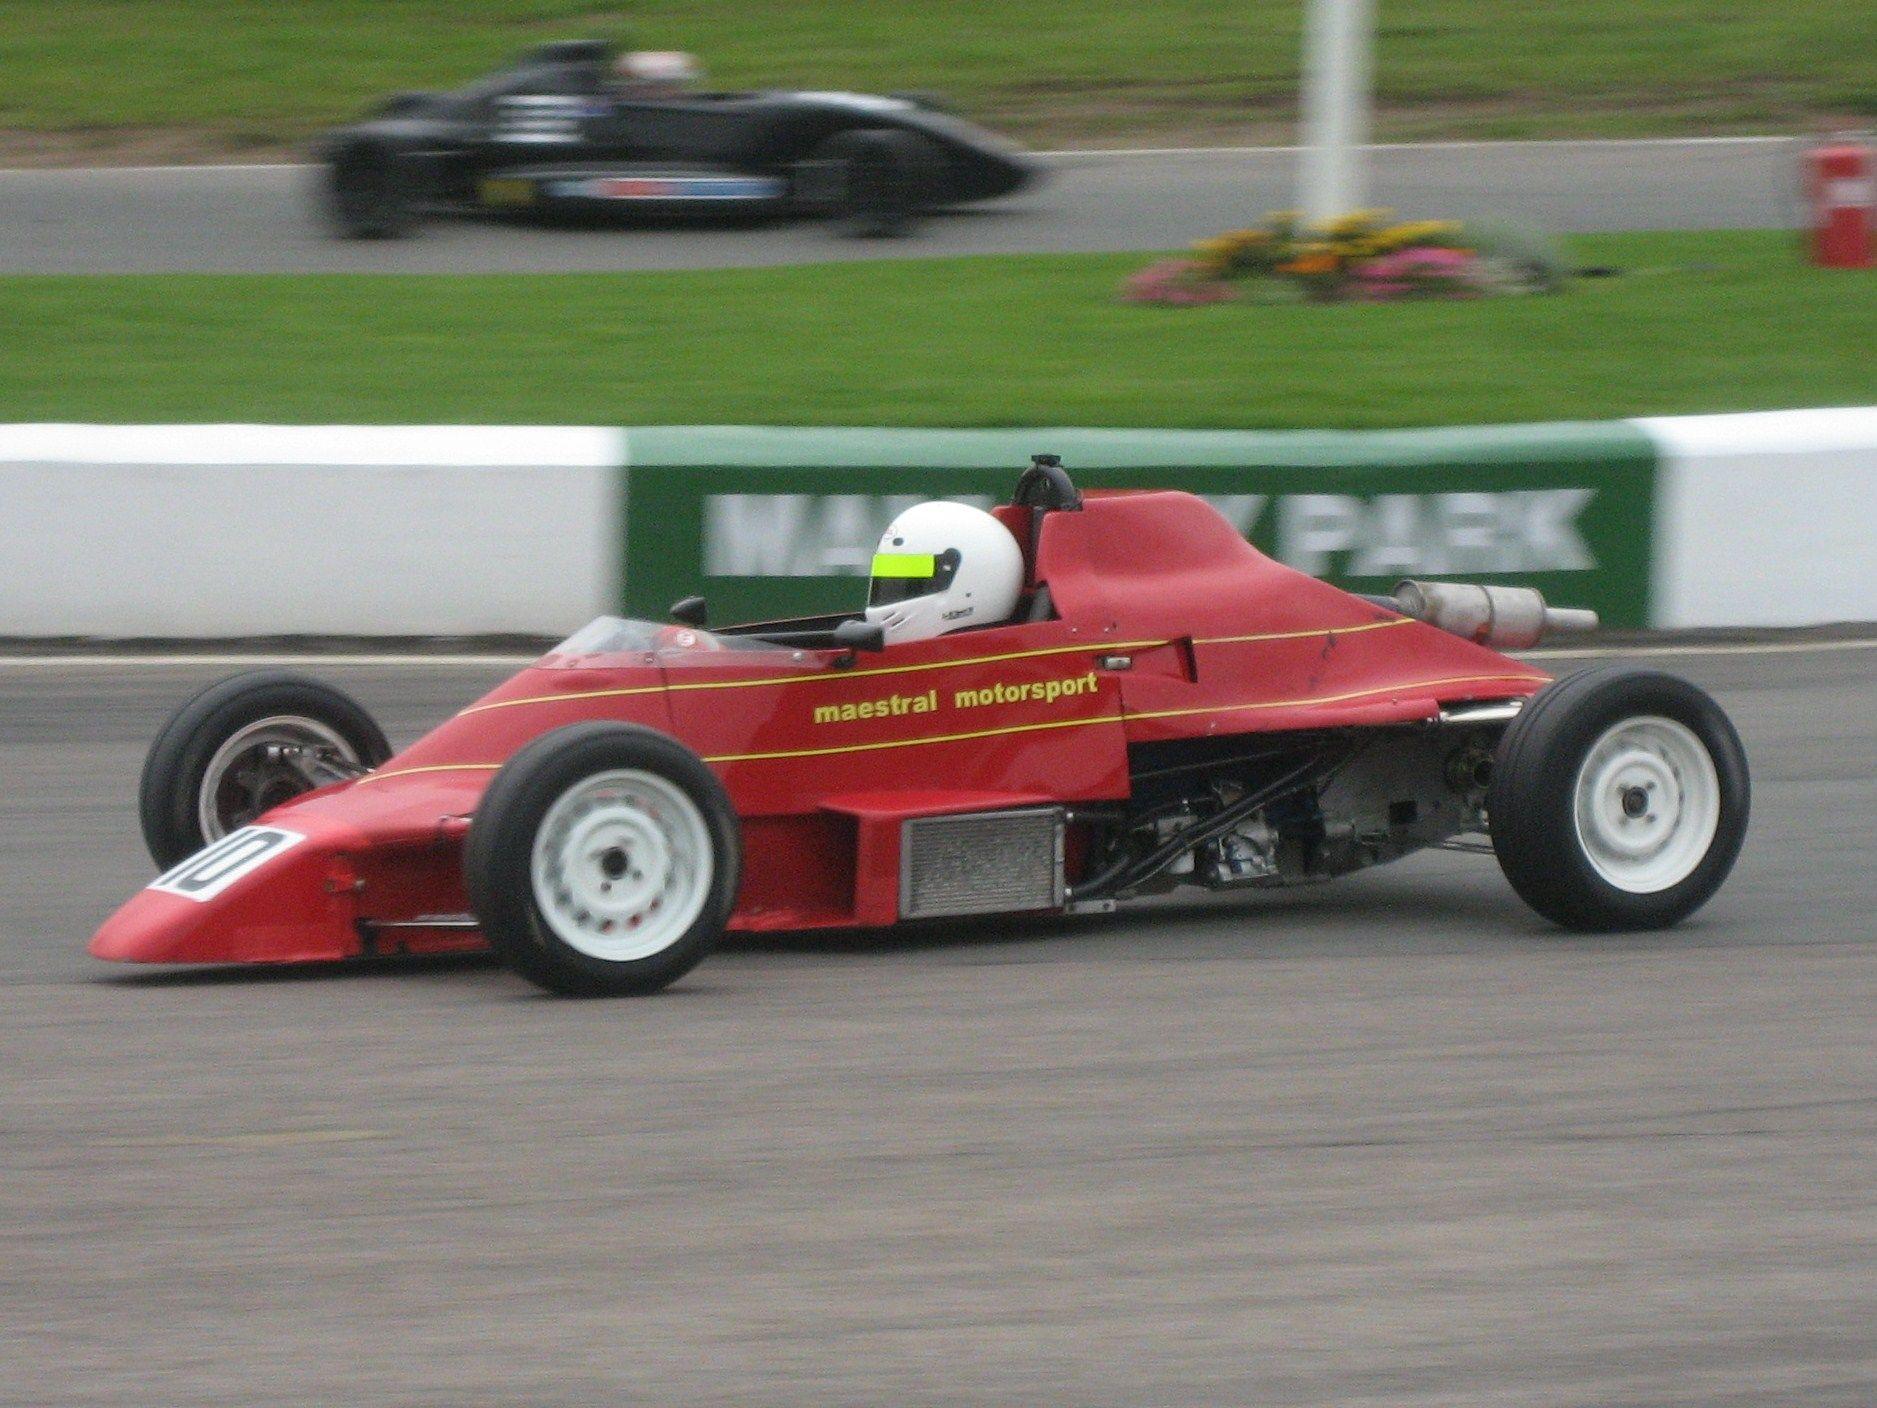 9b3b9a12bf8b343eb82f19ae0c8c37a3 Amazing Ferrari Agostini Auto Junior Mondial Cabriolet Cars Trend